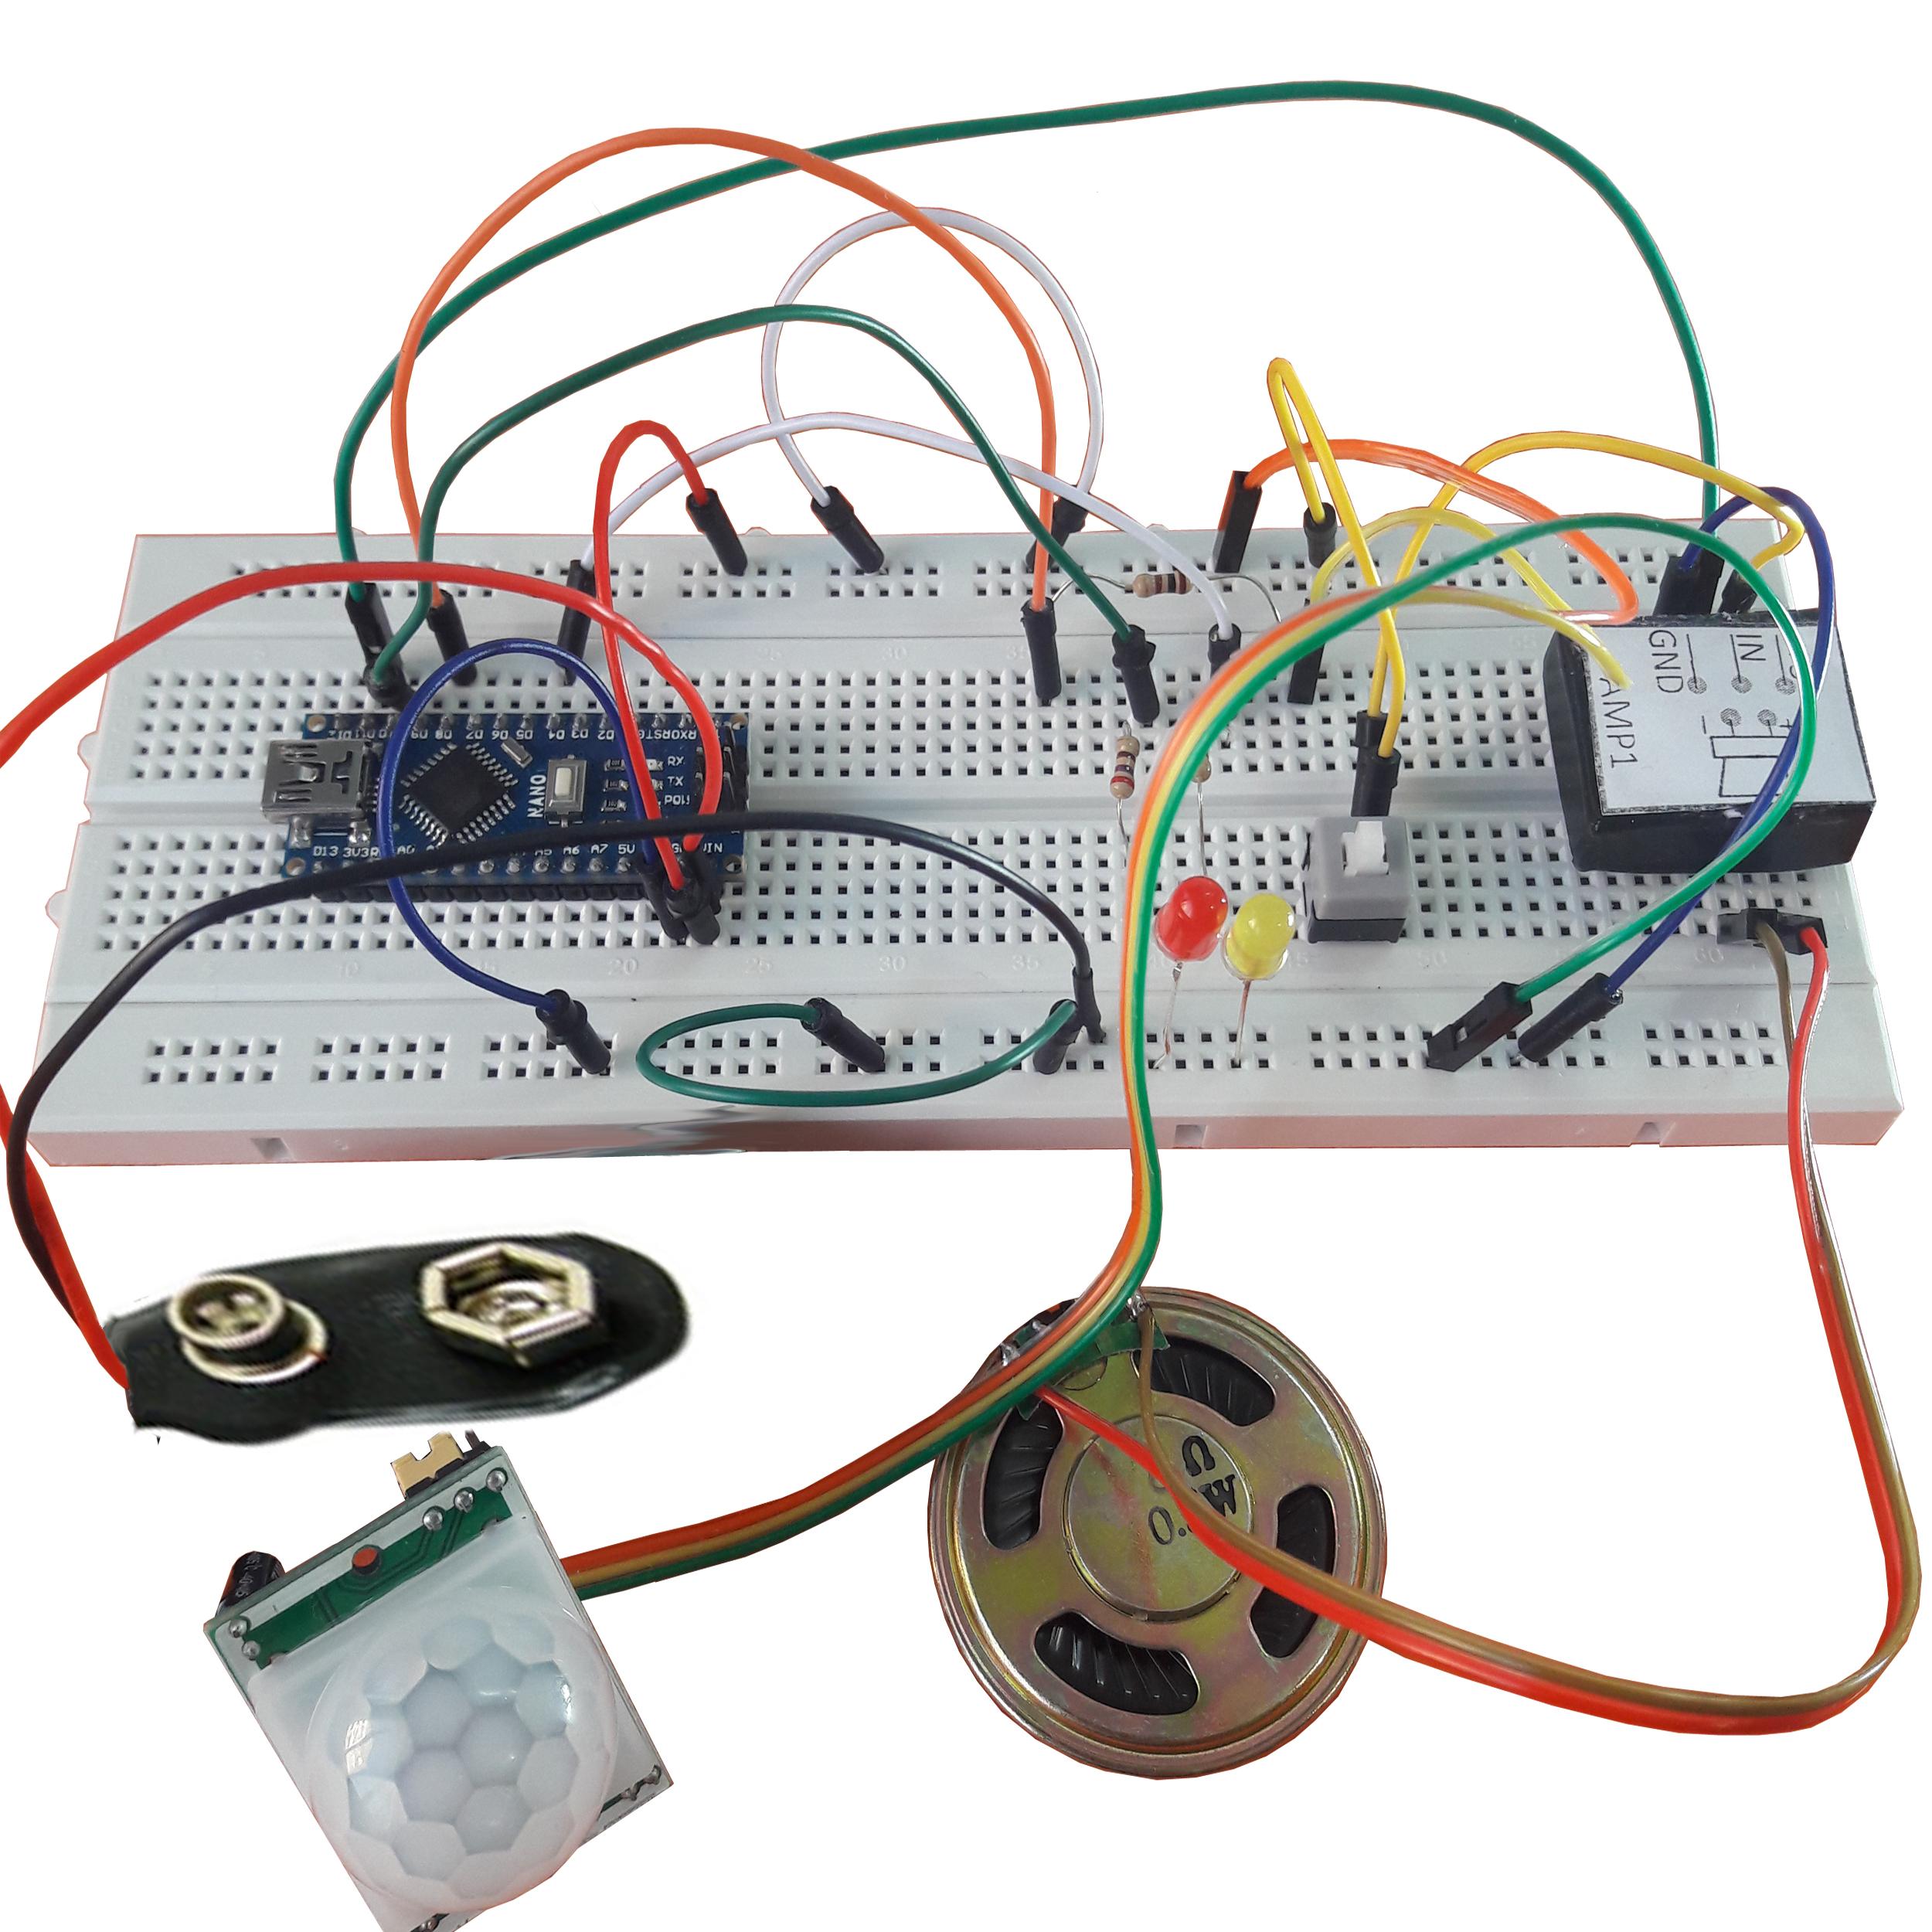 خرید اینترنتی                         کیت مونتاژ شده سرگرمی الکترونیک سخنگوی هوشمند اتاق برند مهندسیکا AT0078             با قیمت مناسب